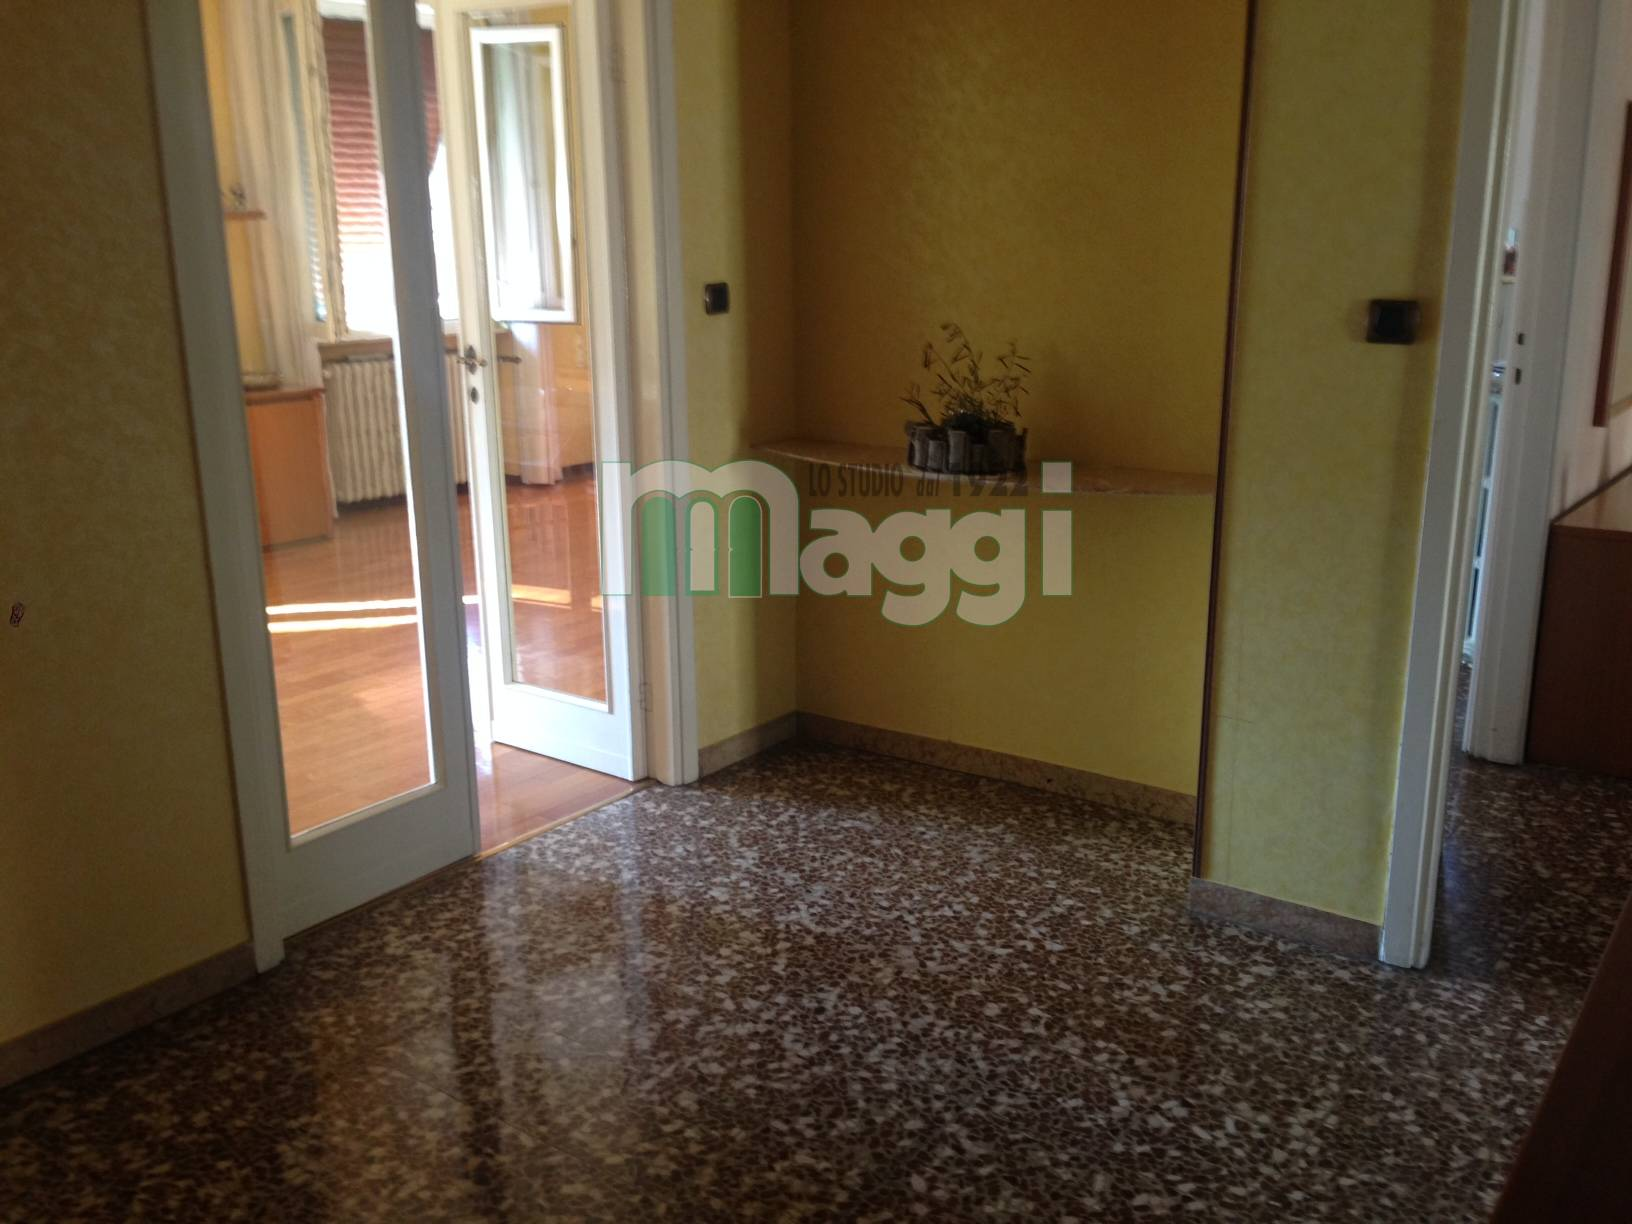 Appartamento in Vendita a Sesto San Giovanni: 3 locali, 116 mq